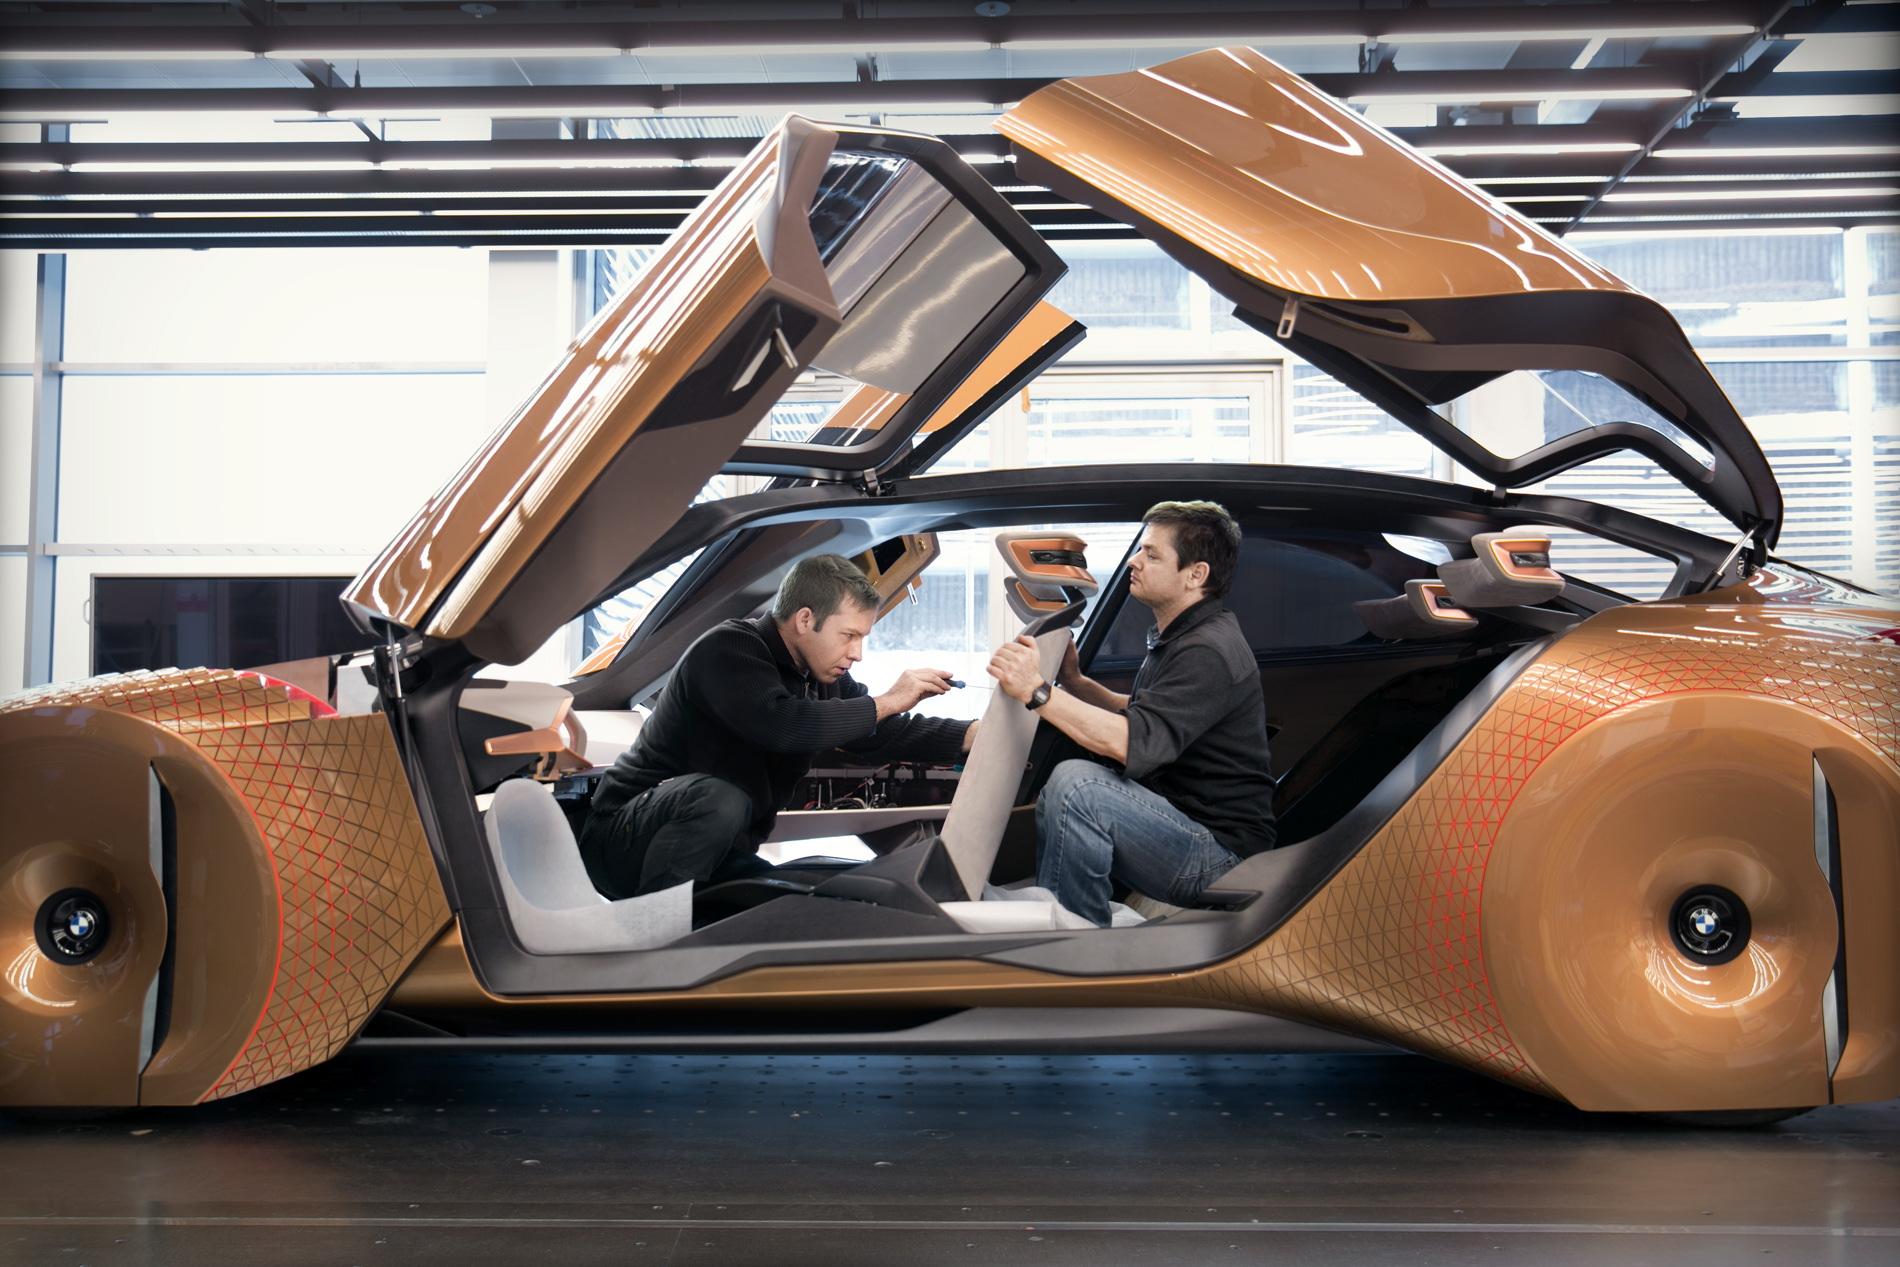 Carros autônomos já são realidade em 2017